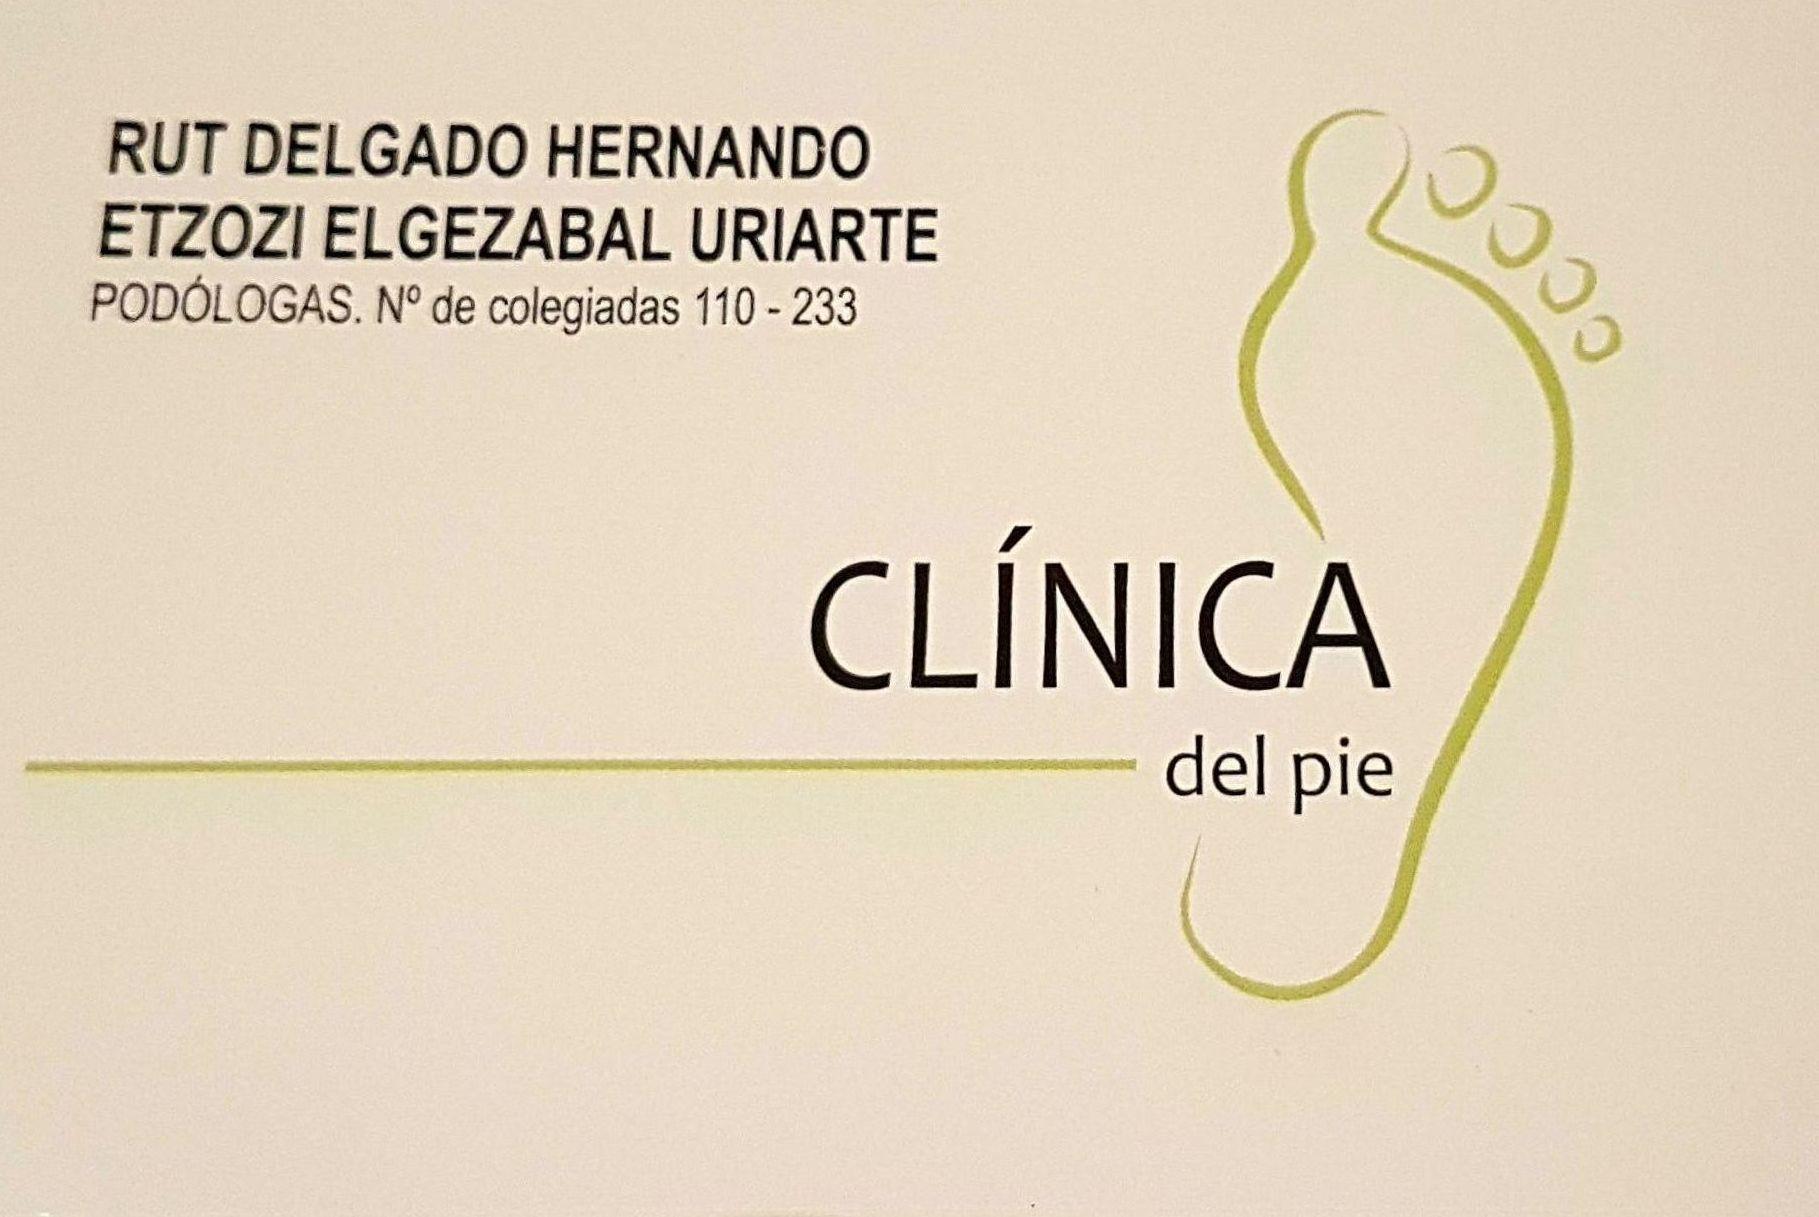 Foto 1 de Podólogos en Leioa | Clínica del Pie Rut Delgado